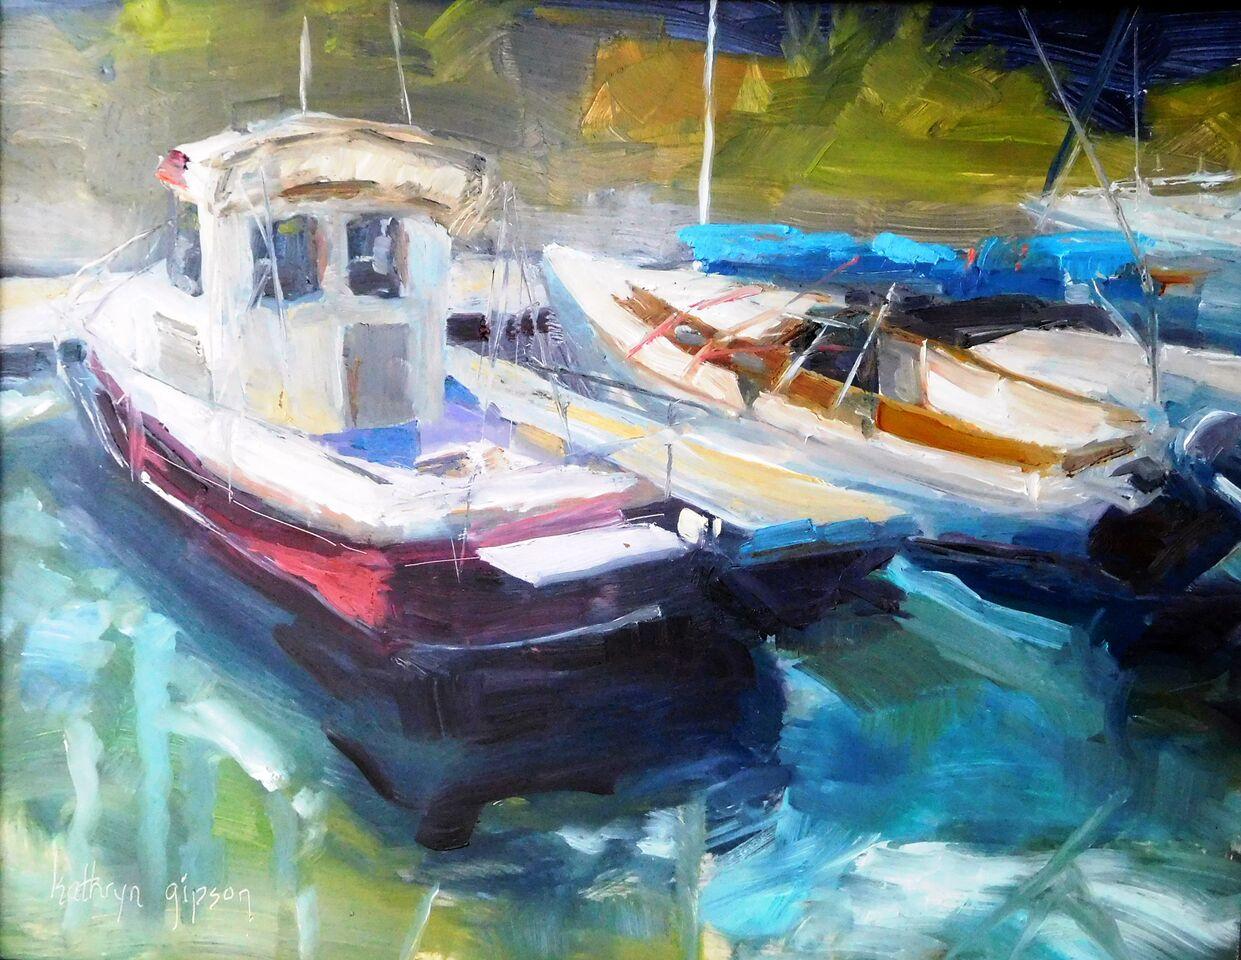 Kathryn Gipson, Aqua Fresca